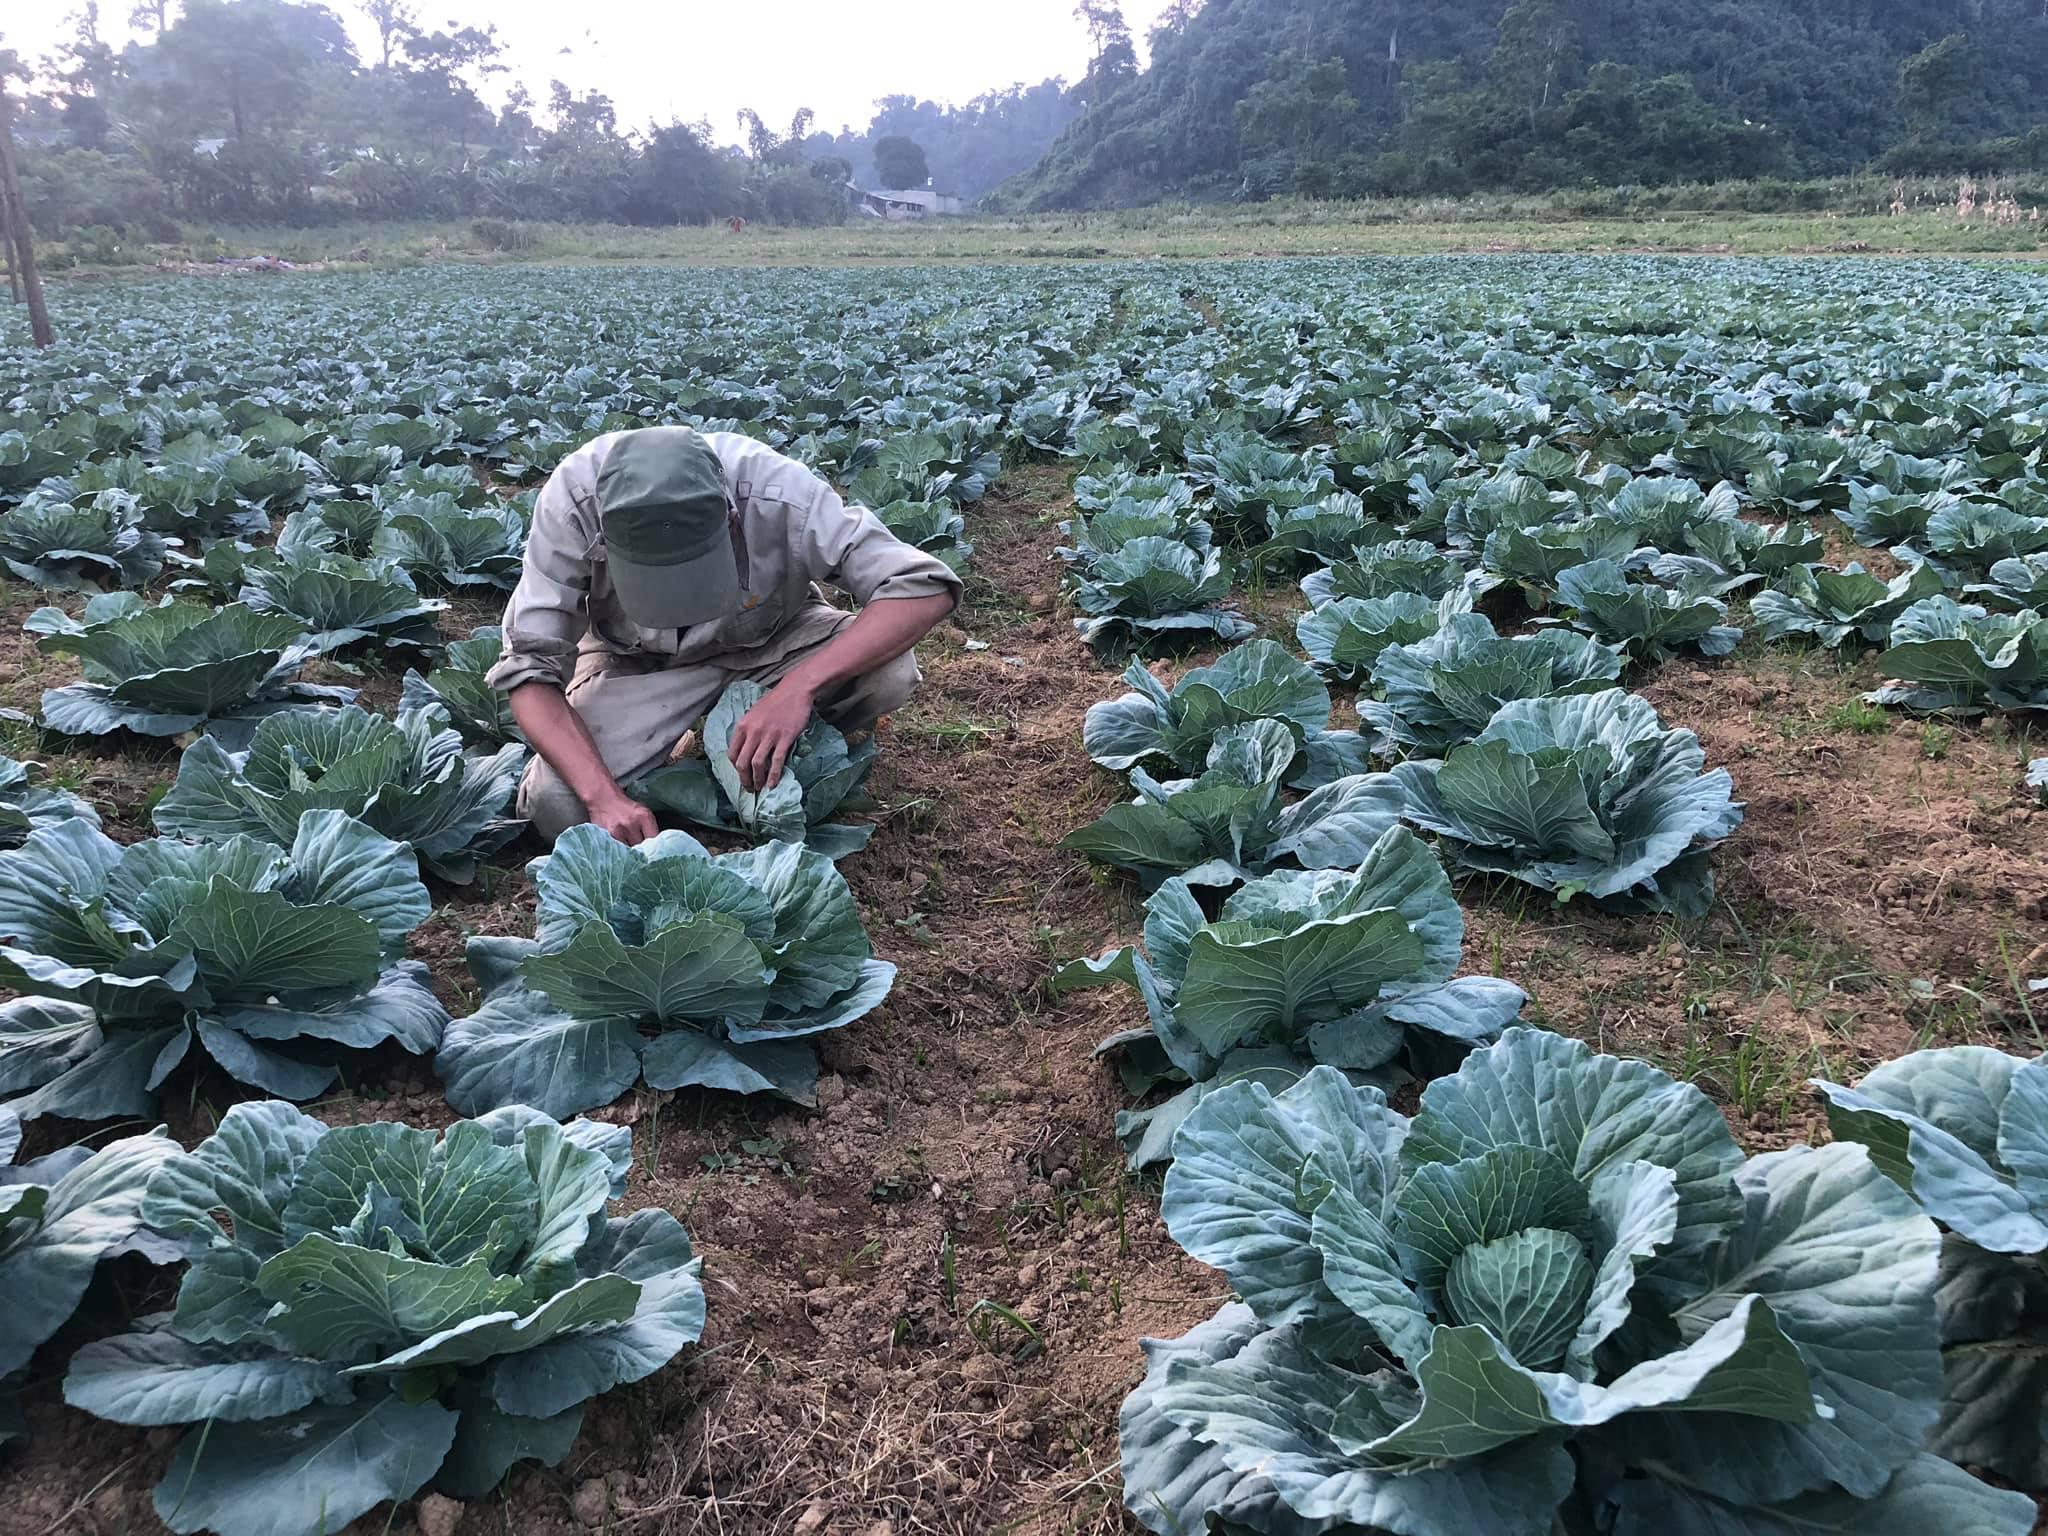 Người dân Khâu Tinh chăm sóc rau theo tiêu chuẩn VietGap